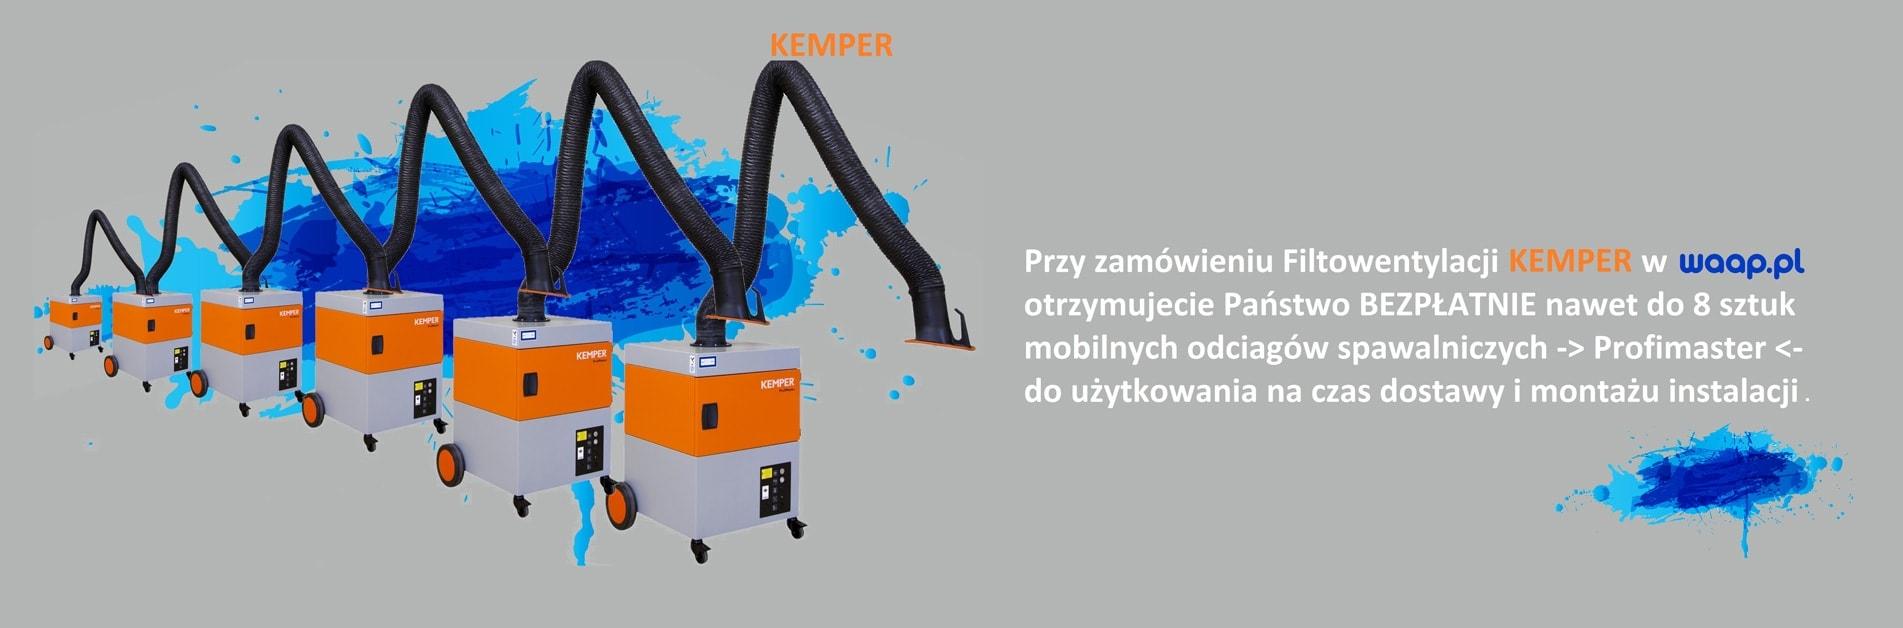 Filtrowentylacja Kemper